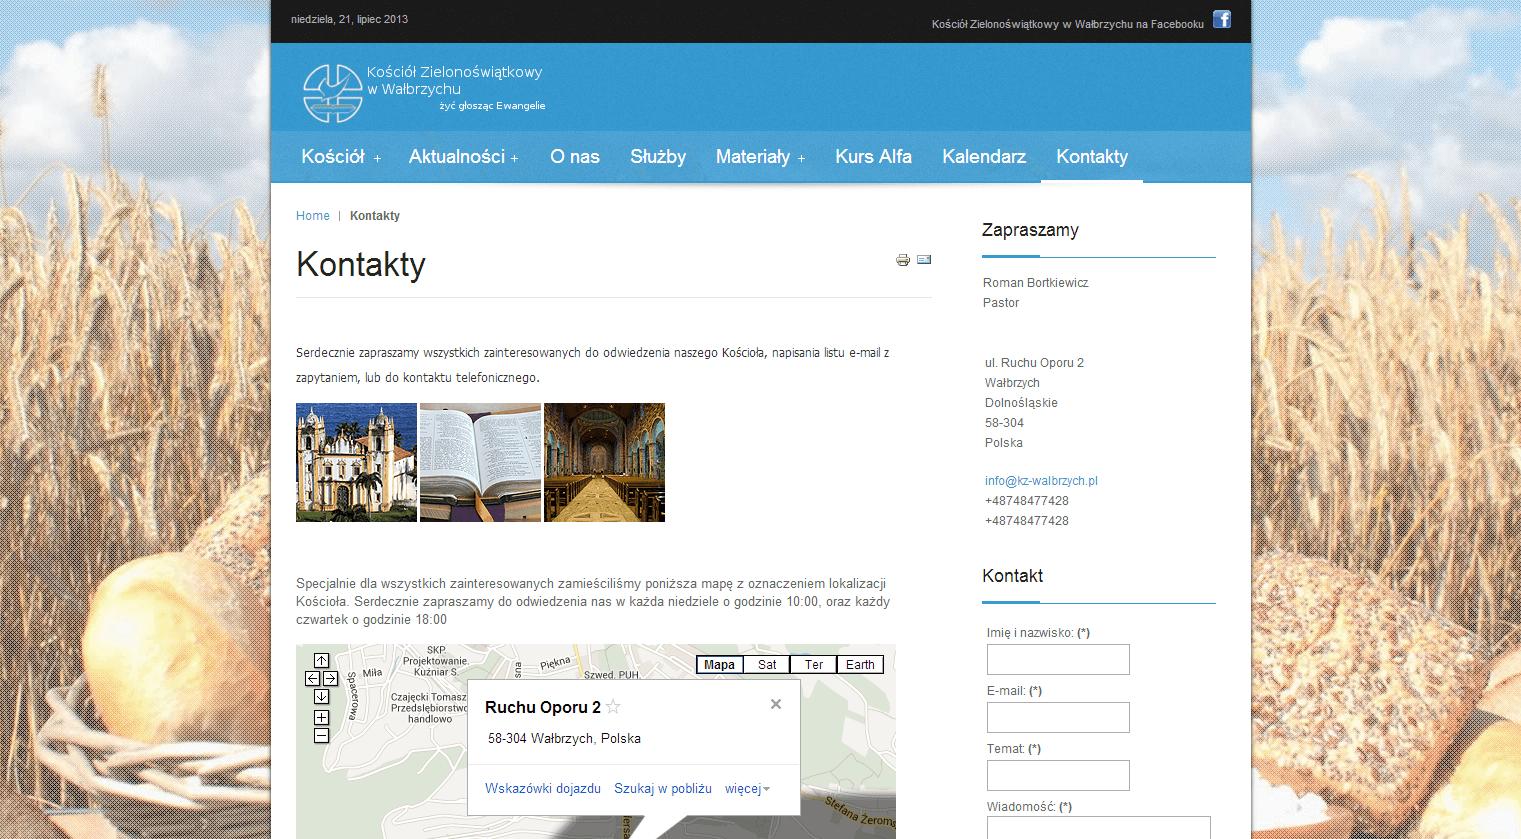 2013-04 – Homepage for the Church – kz-walbrzych.pl